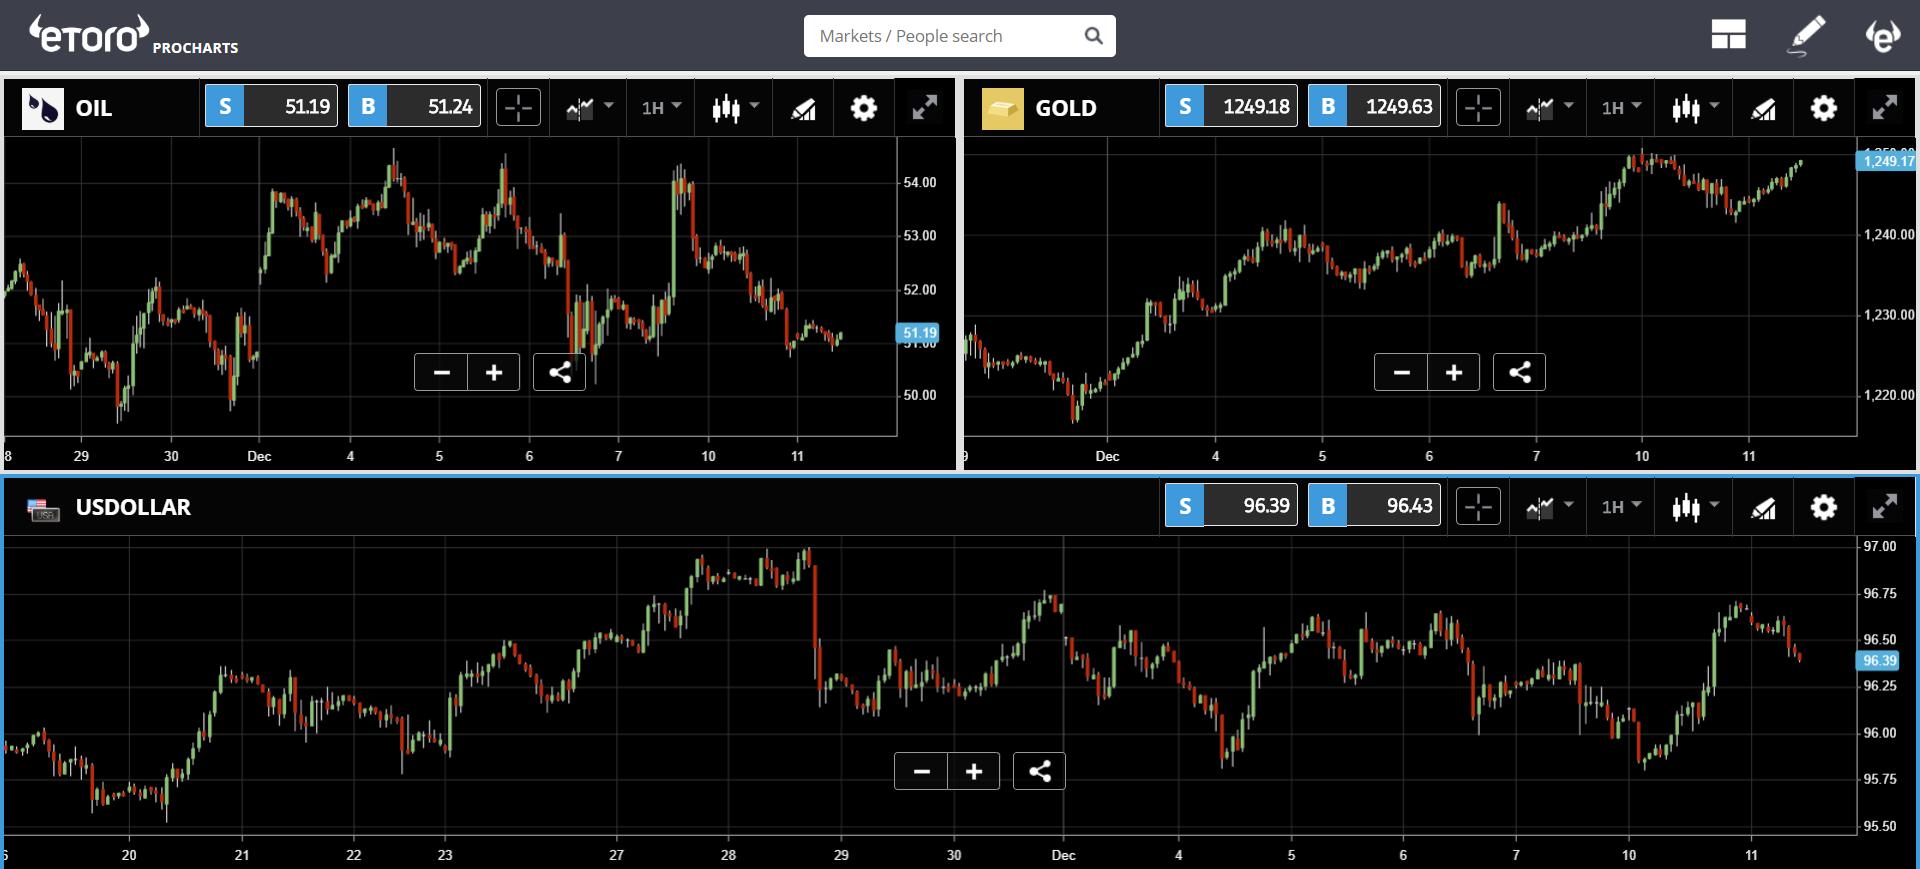 finance, taxes, stocks, crypto, bitcoin, trading, markets, crypto